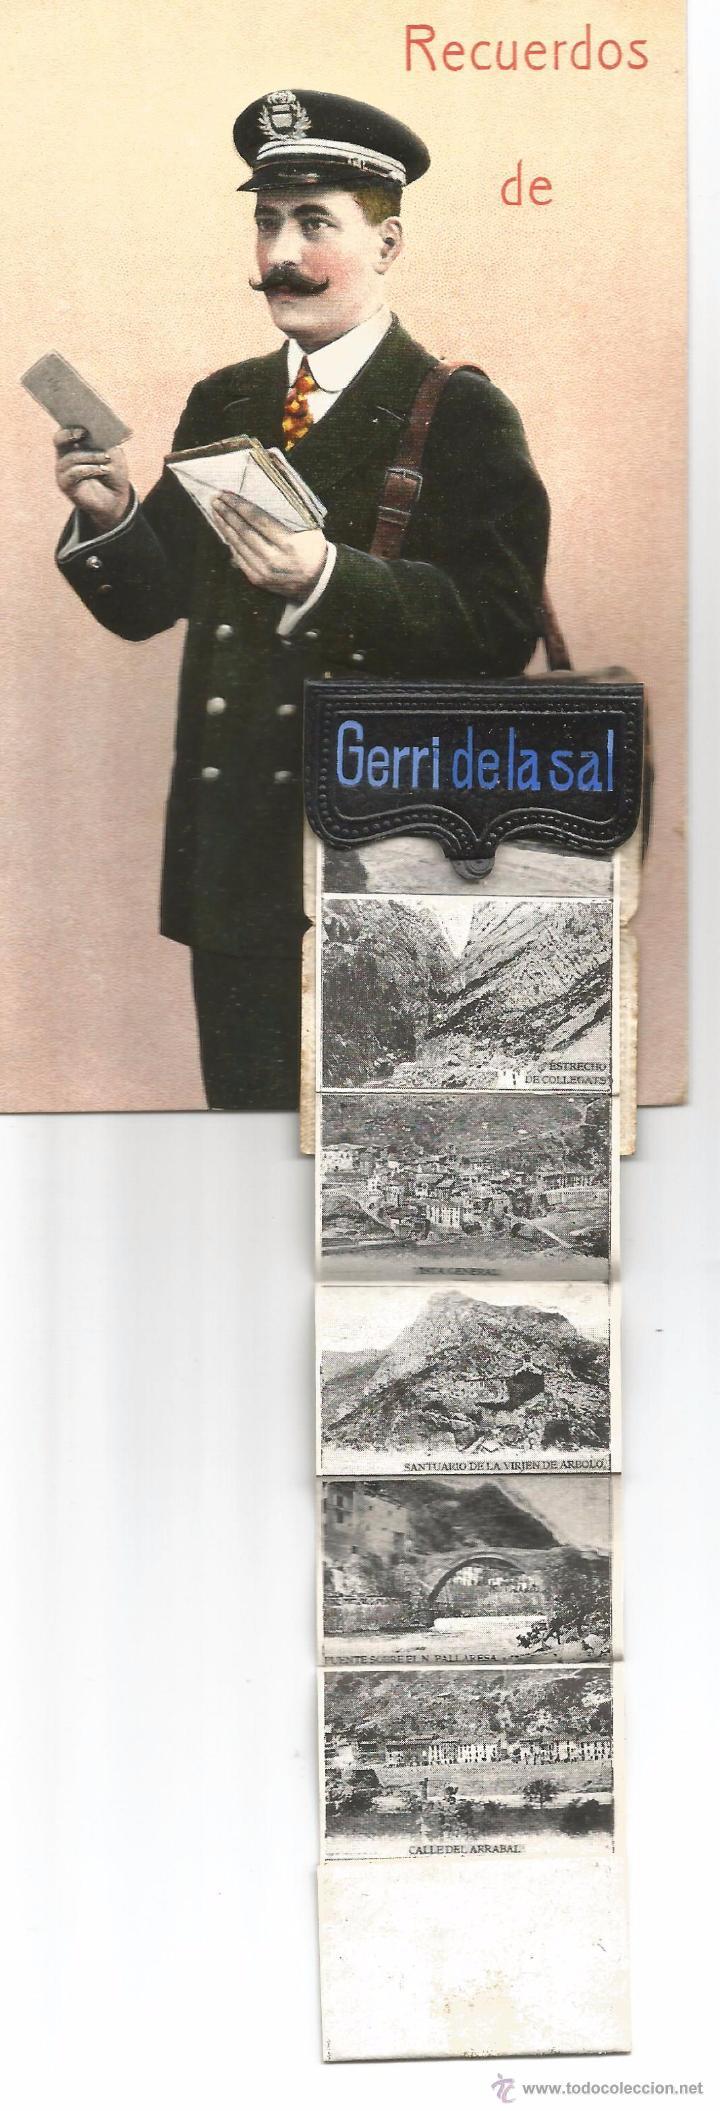 Postales: GERRI DE LA SAL .- RECUERDO .- MINI FOTOGRAFIAS .- SIN CIRCULAR - Foto 2 - 50115918